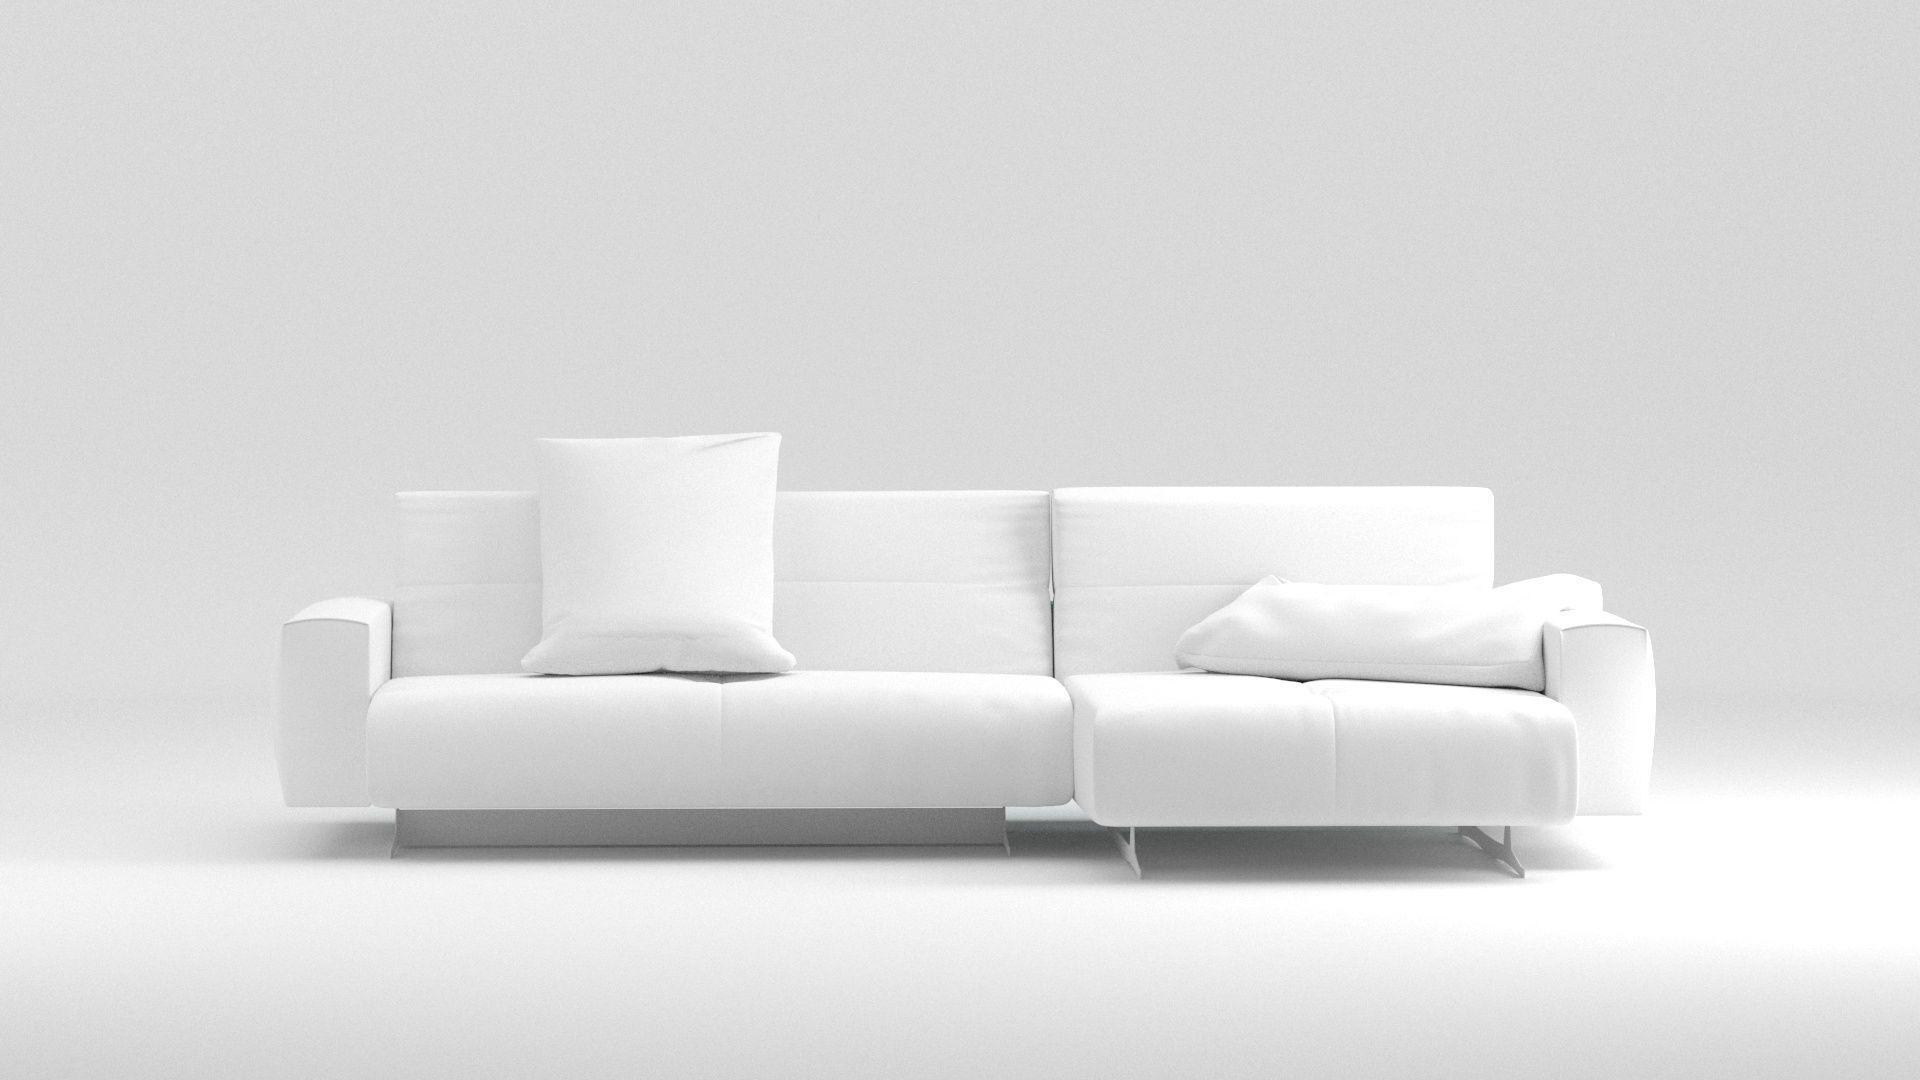 Sofa Divano Benz V Ray Corona Render Model Max Obj Mtl Fbx 2